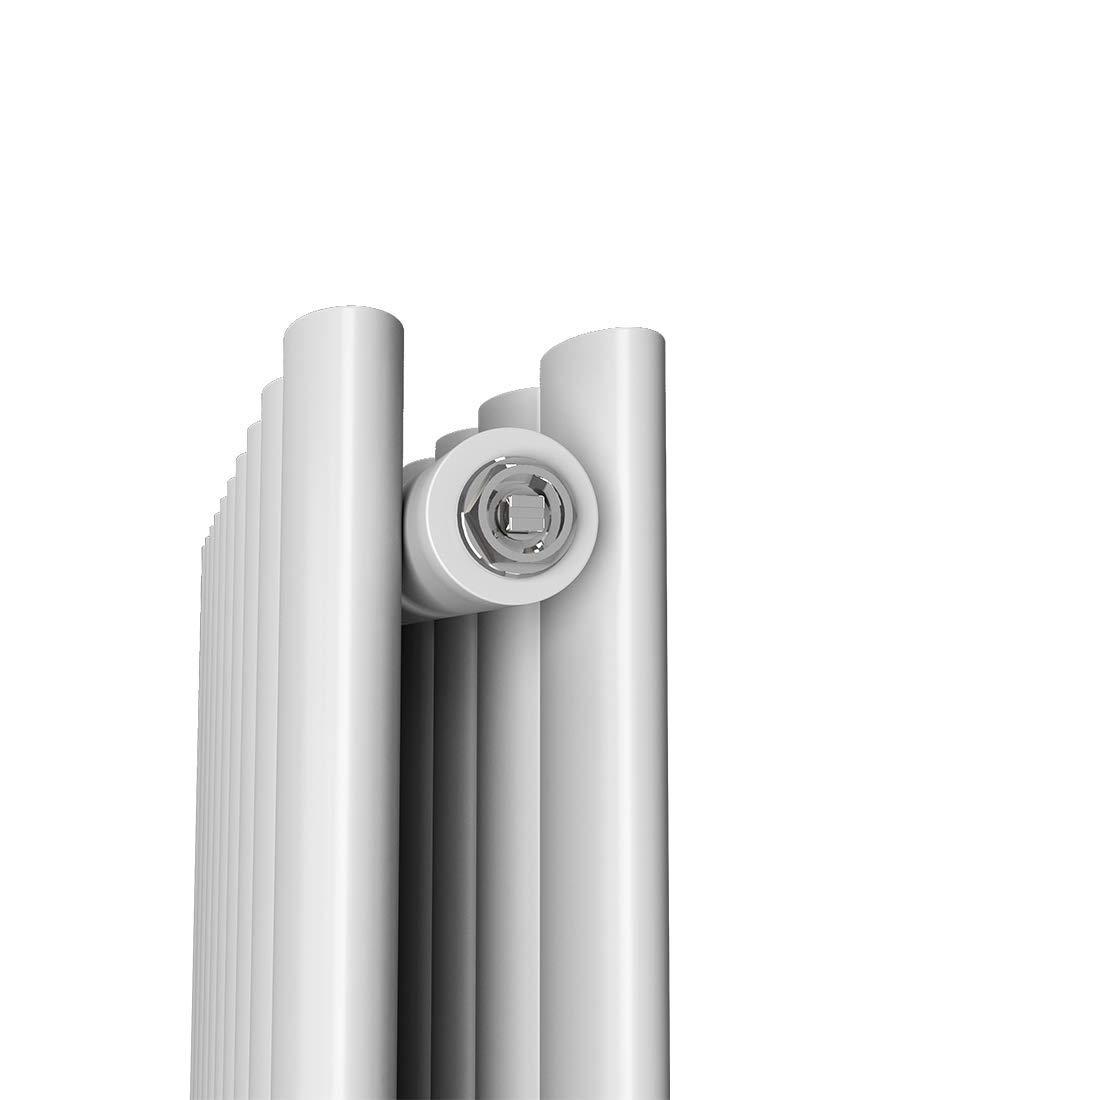 Design Heizk/örper Anthrazit Oval Paneelheizk/örper 600 x 1000 mm Heizung Seitenanschluss Doppellagig/Wohnzimmer//Badezimmer Heizk/örper Horizontal